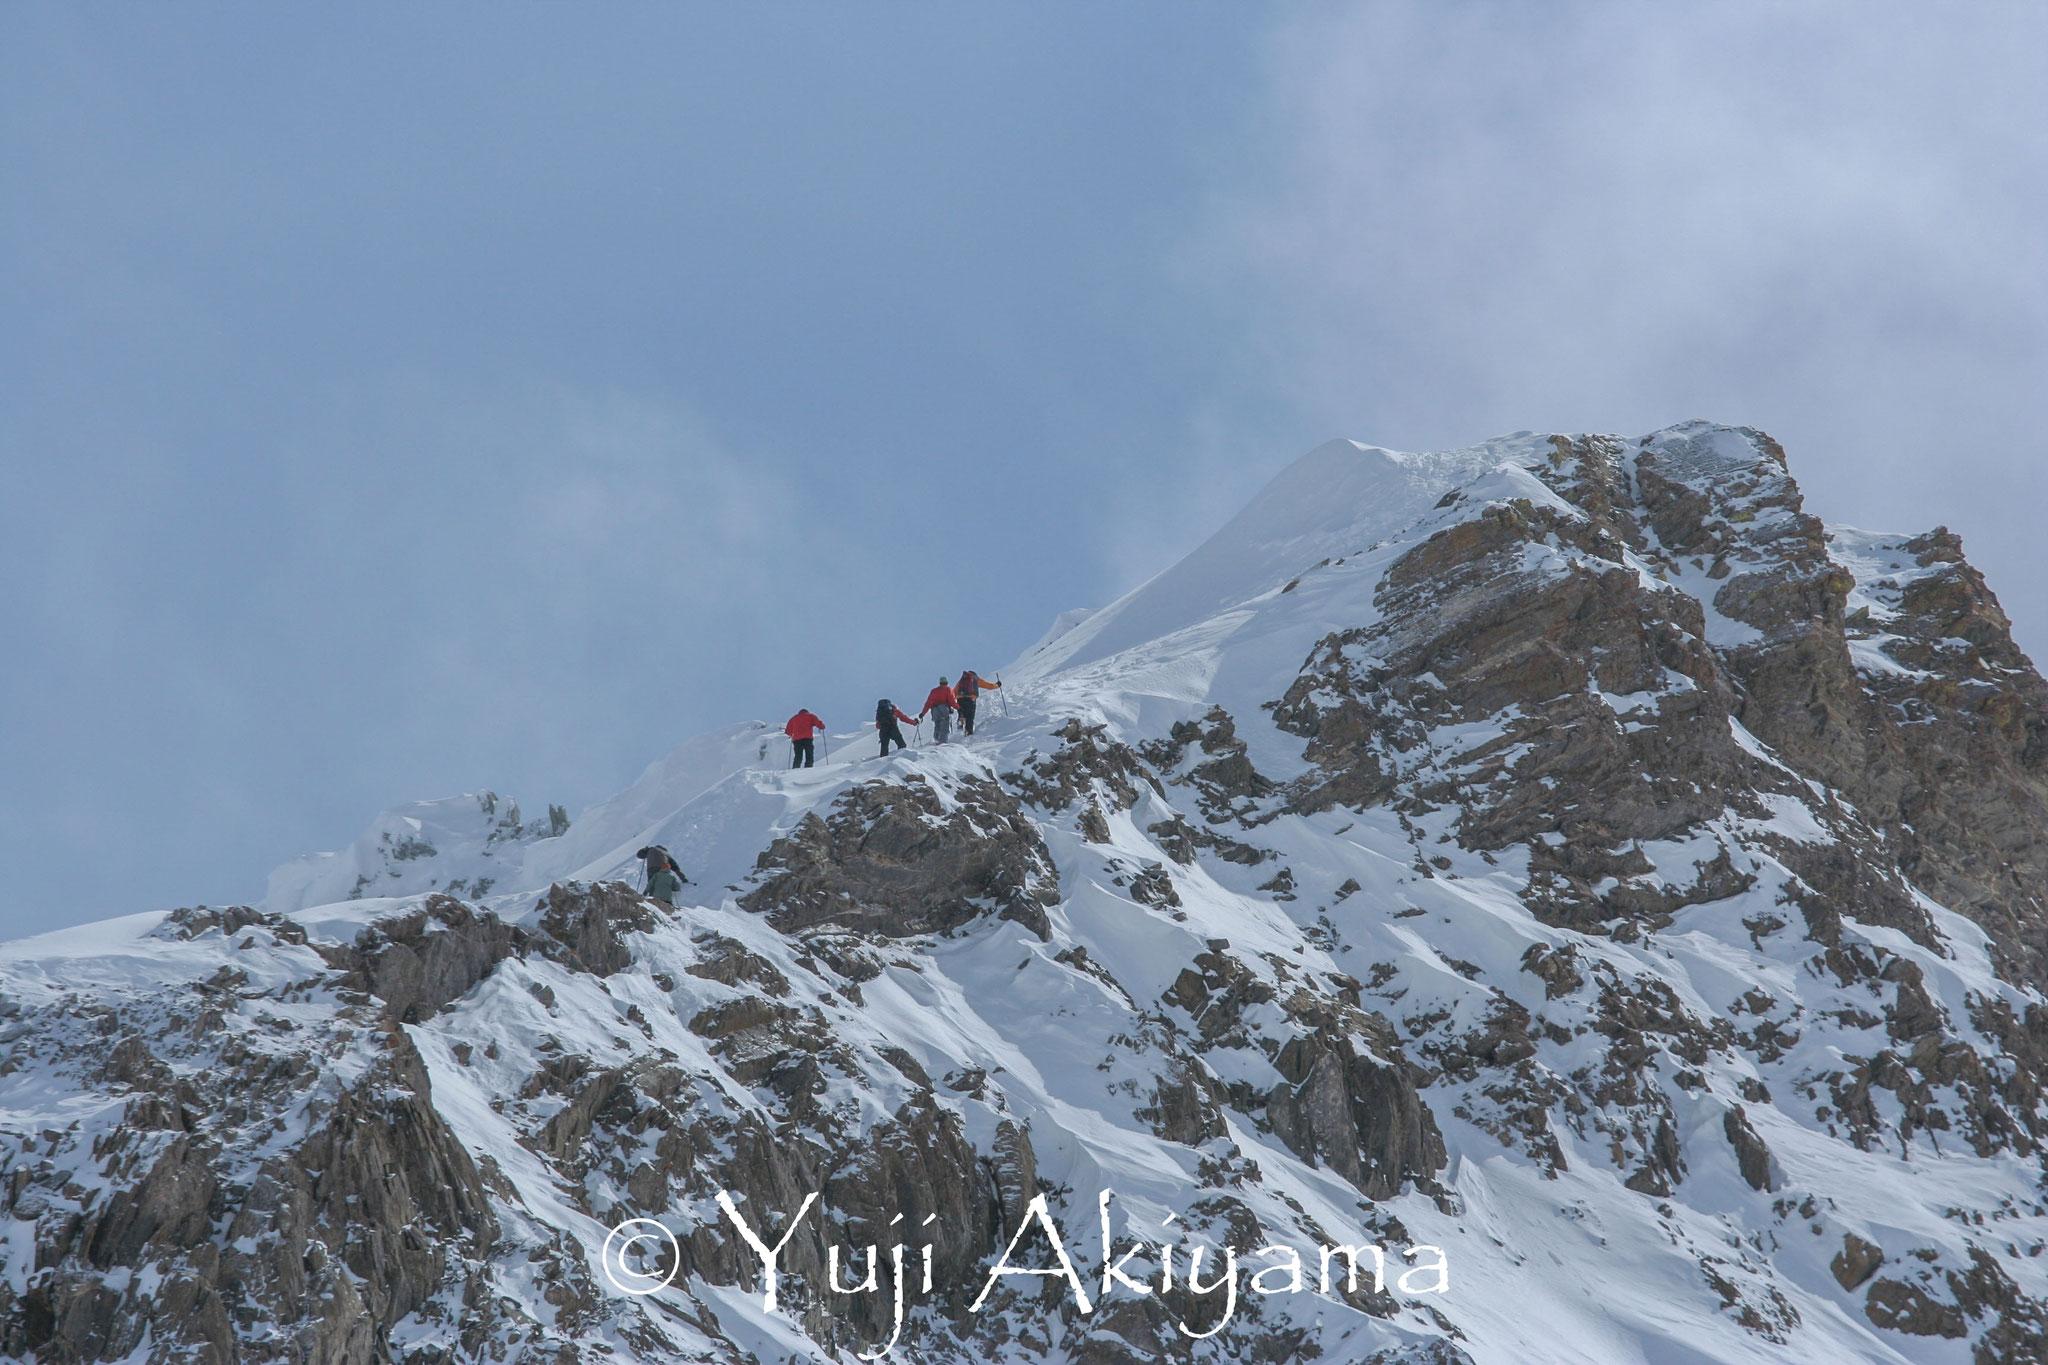 マウント・オリーブへの登山も可能